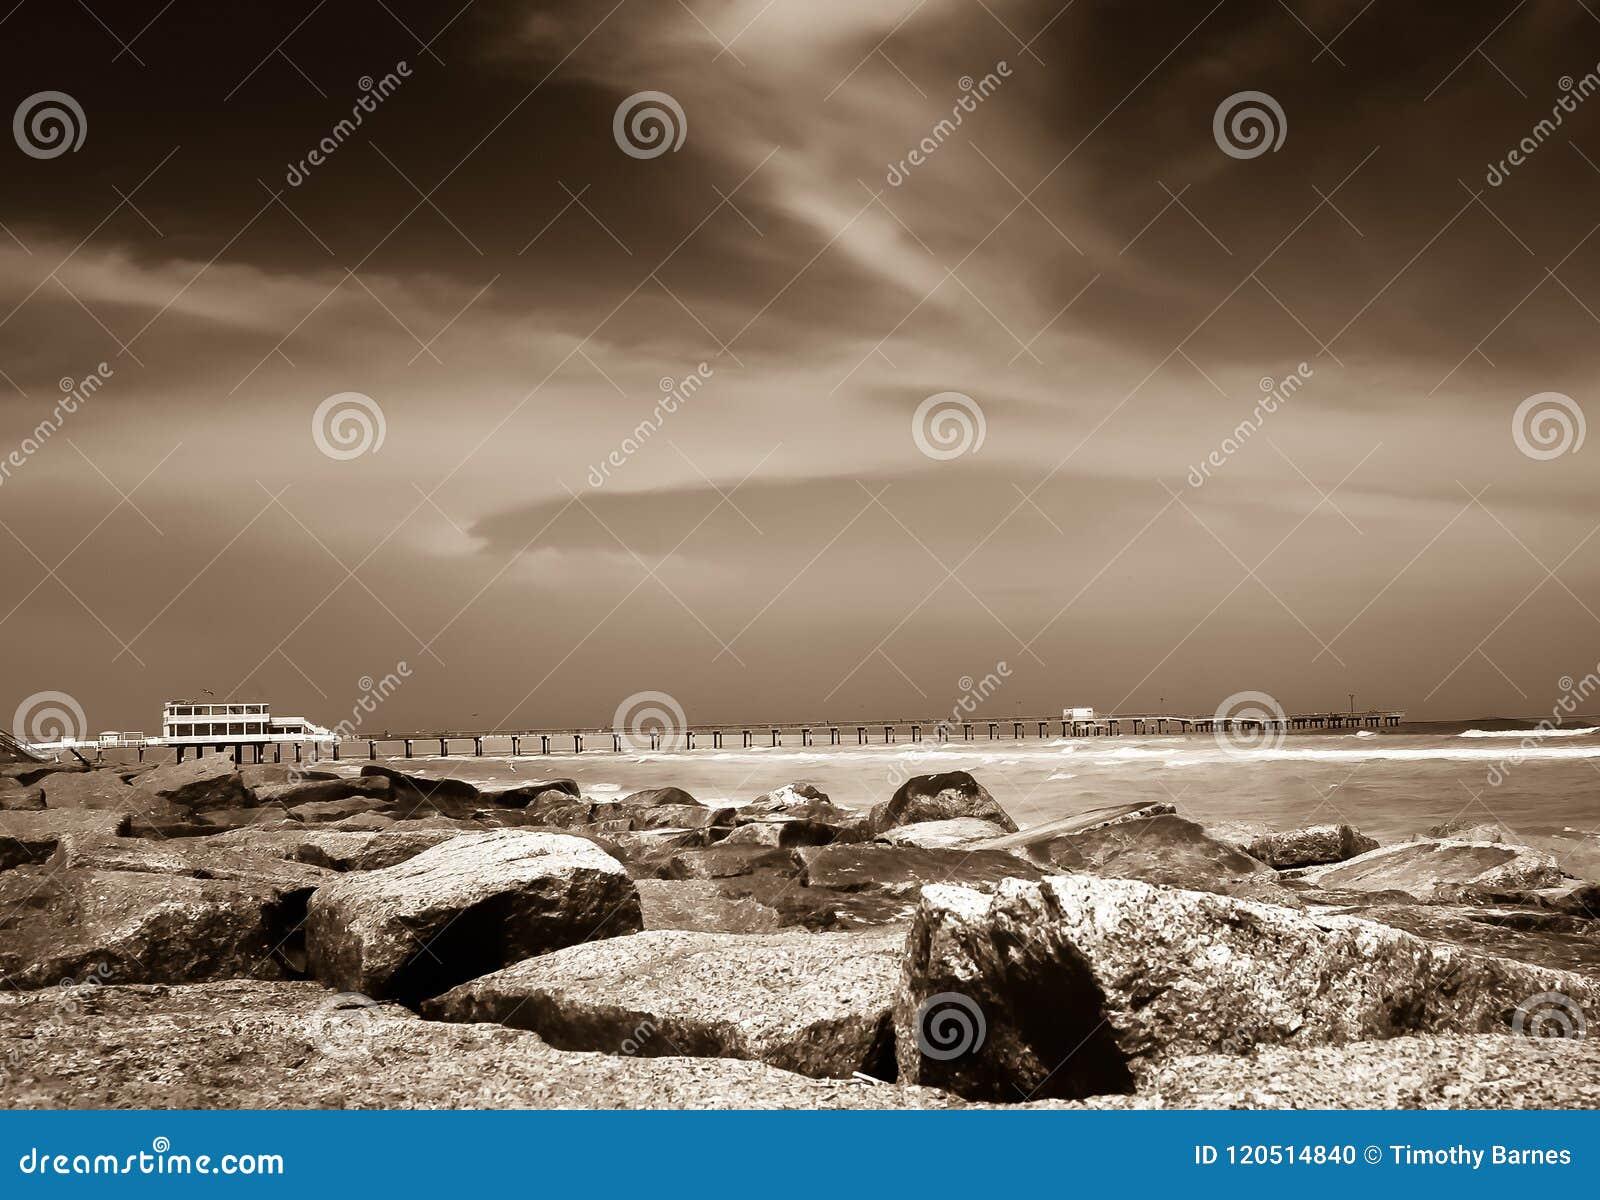 Marea baja en la costa